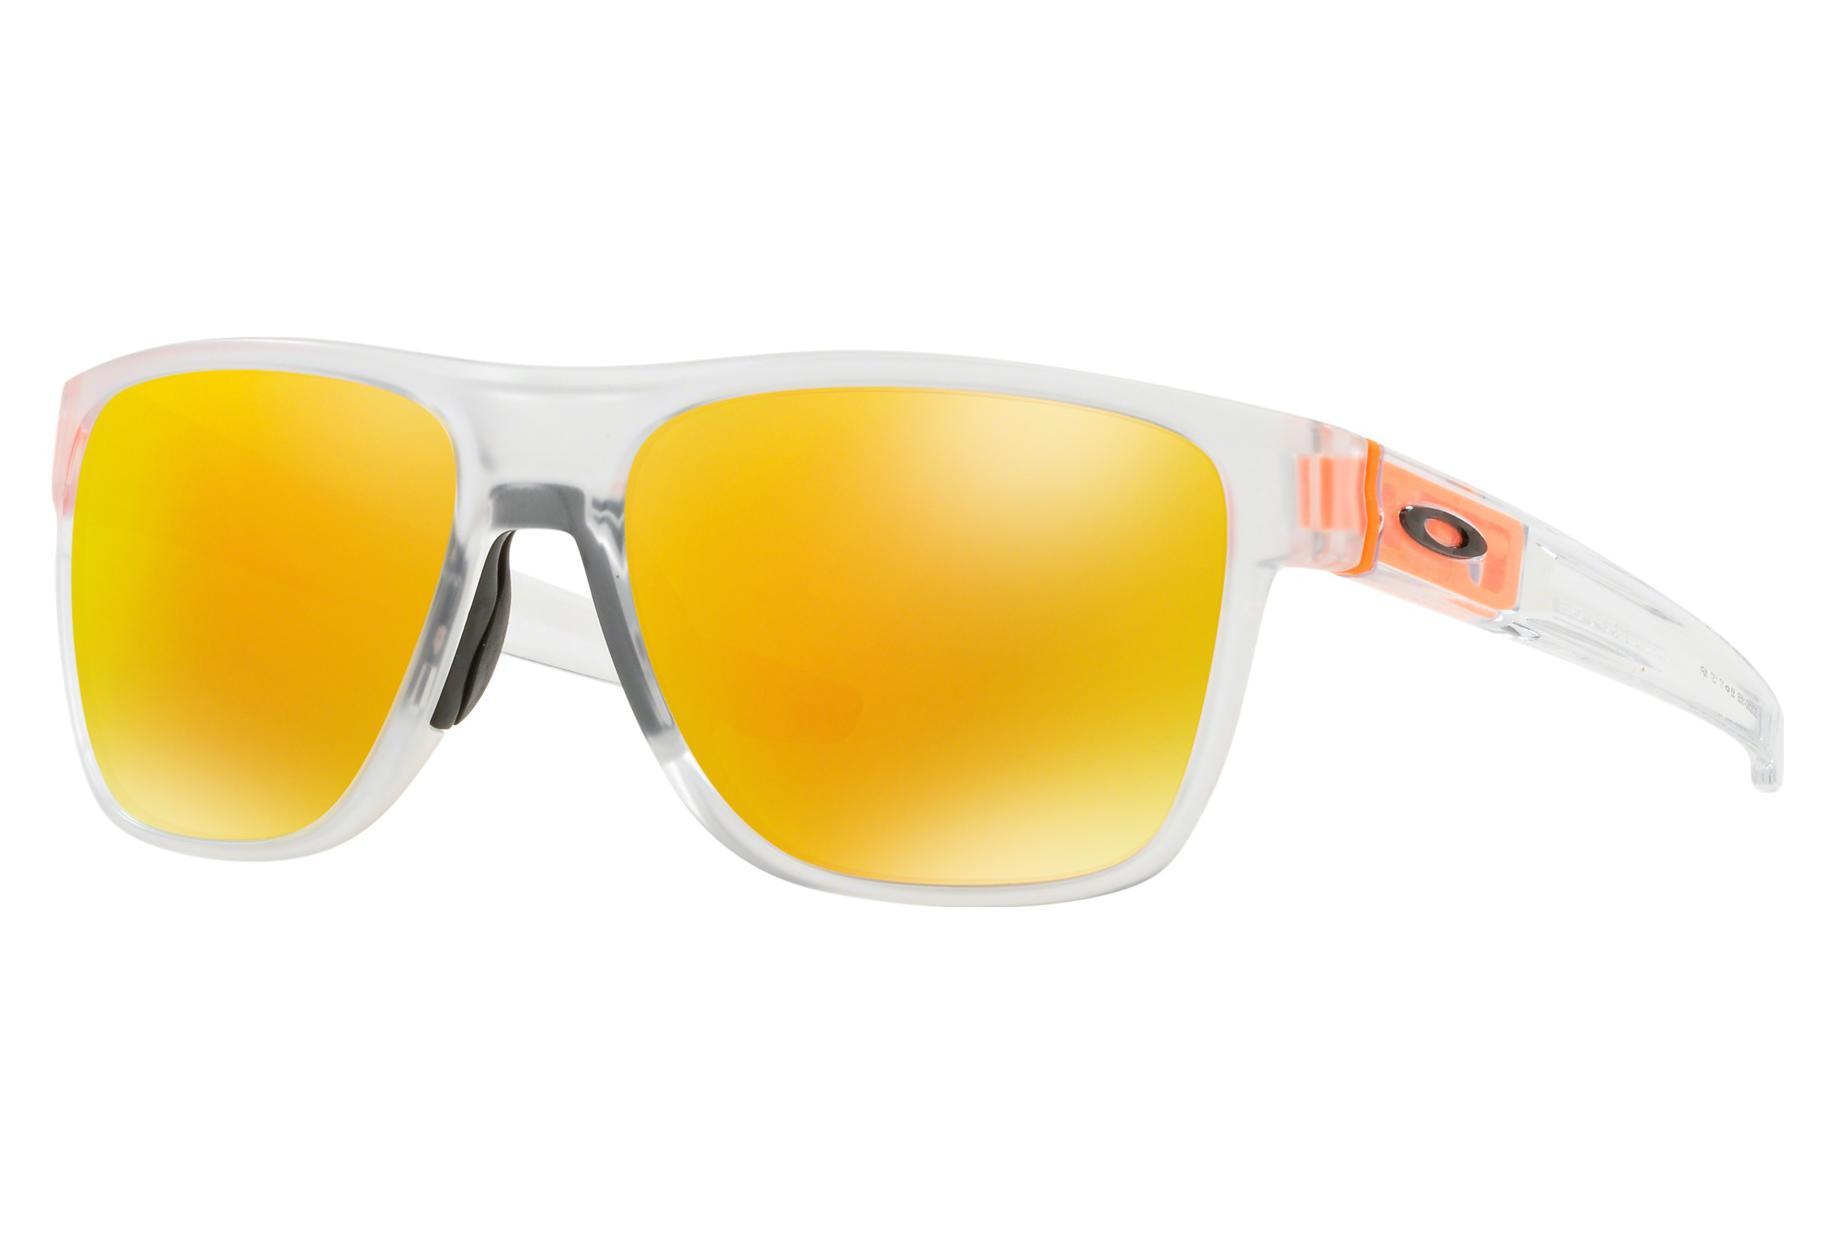 32f5ccd182 Gafas de sol Oakley Crossrange XL Crystal Pop / Crystal Clear / Fire ...